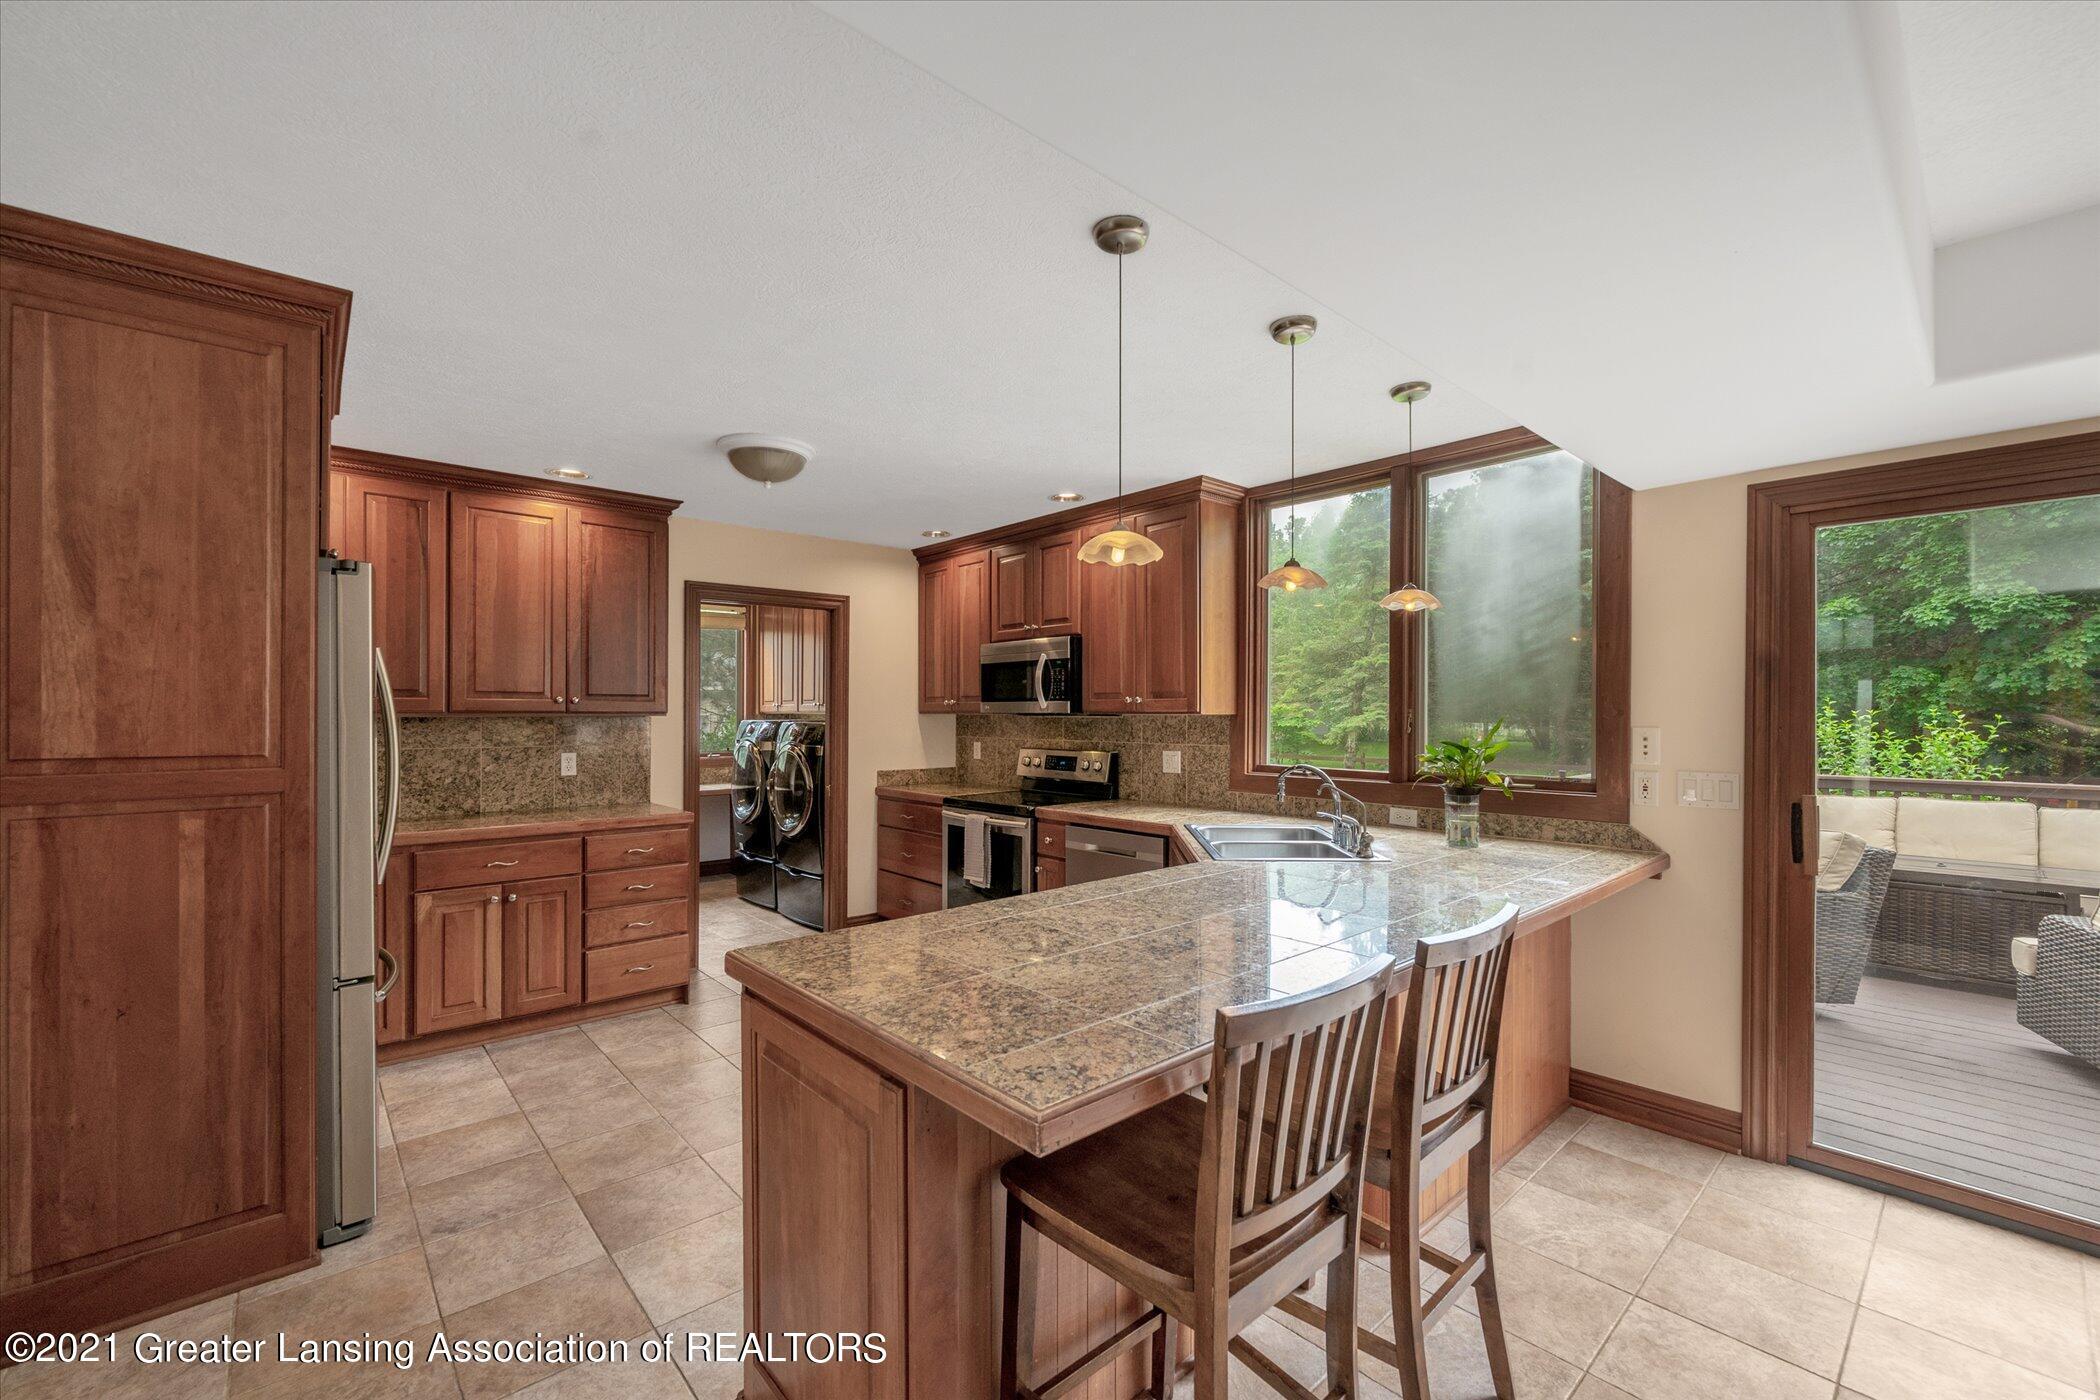 8100 Casandra Ln - MAIN FLOOR Kitchen - 5